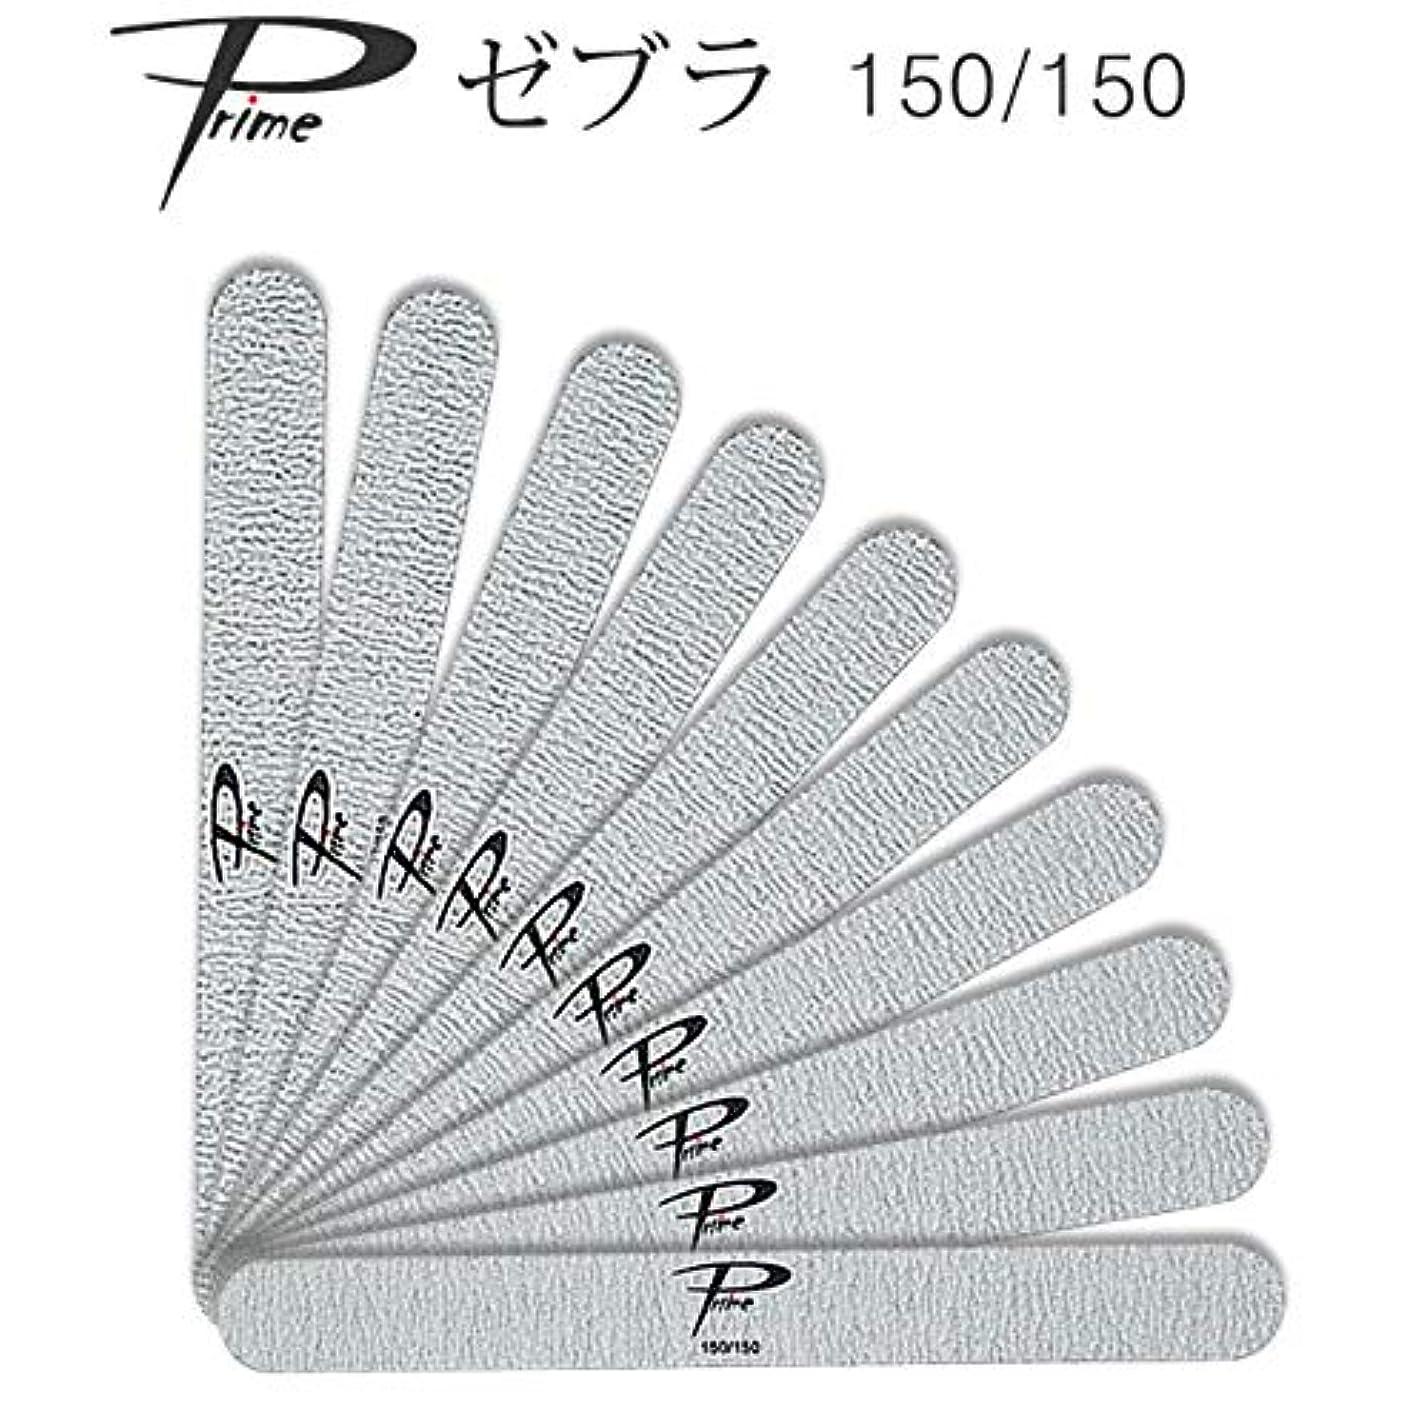 まろやかな請負業者火山の10本セット Prime ゼブラファイル 150/150